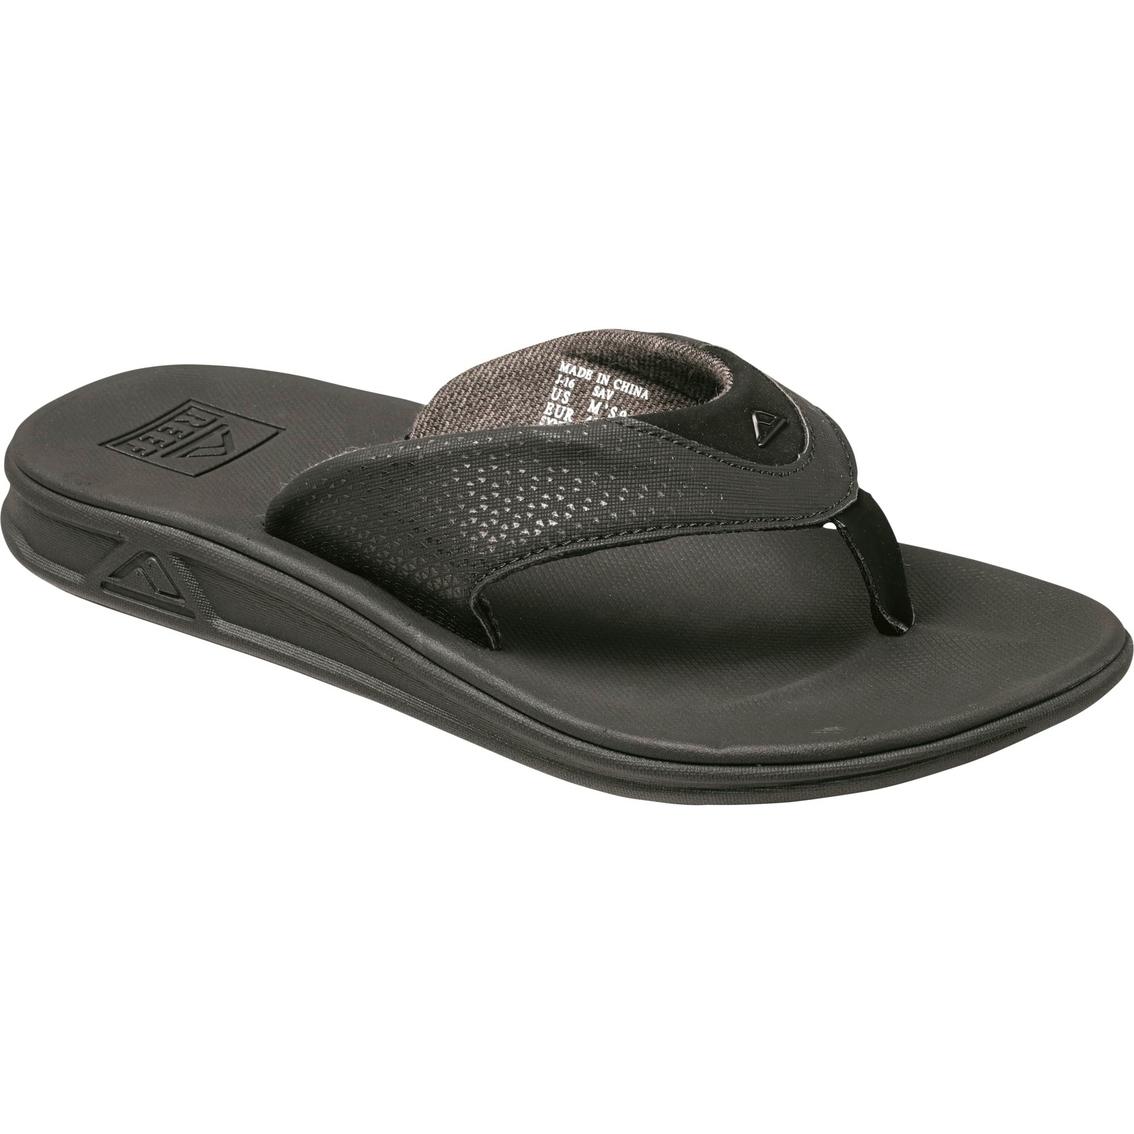 b7fb3e0e73f1 Reef Men s Rover Sandals